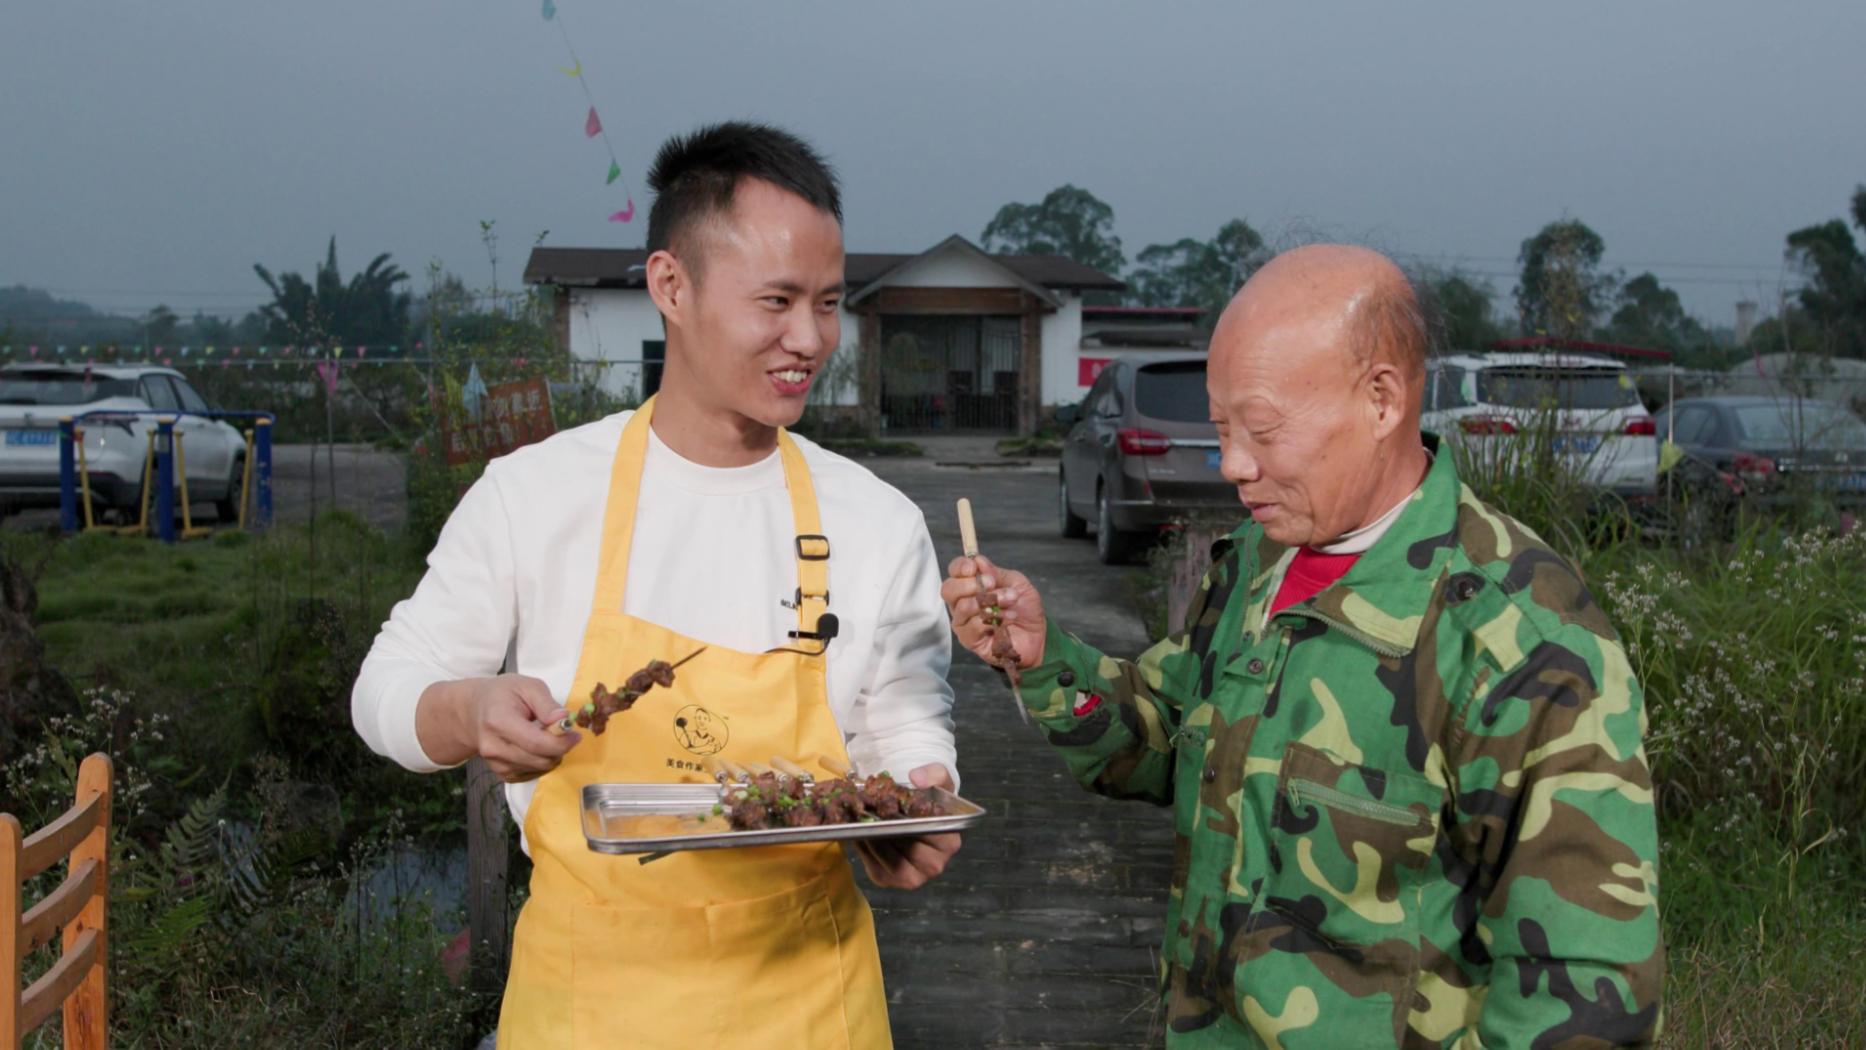 天气最近变凉,厨师长亲自下厨和同事一起聚餐烤串吃羊肉汤